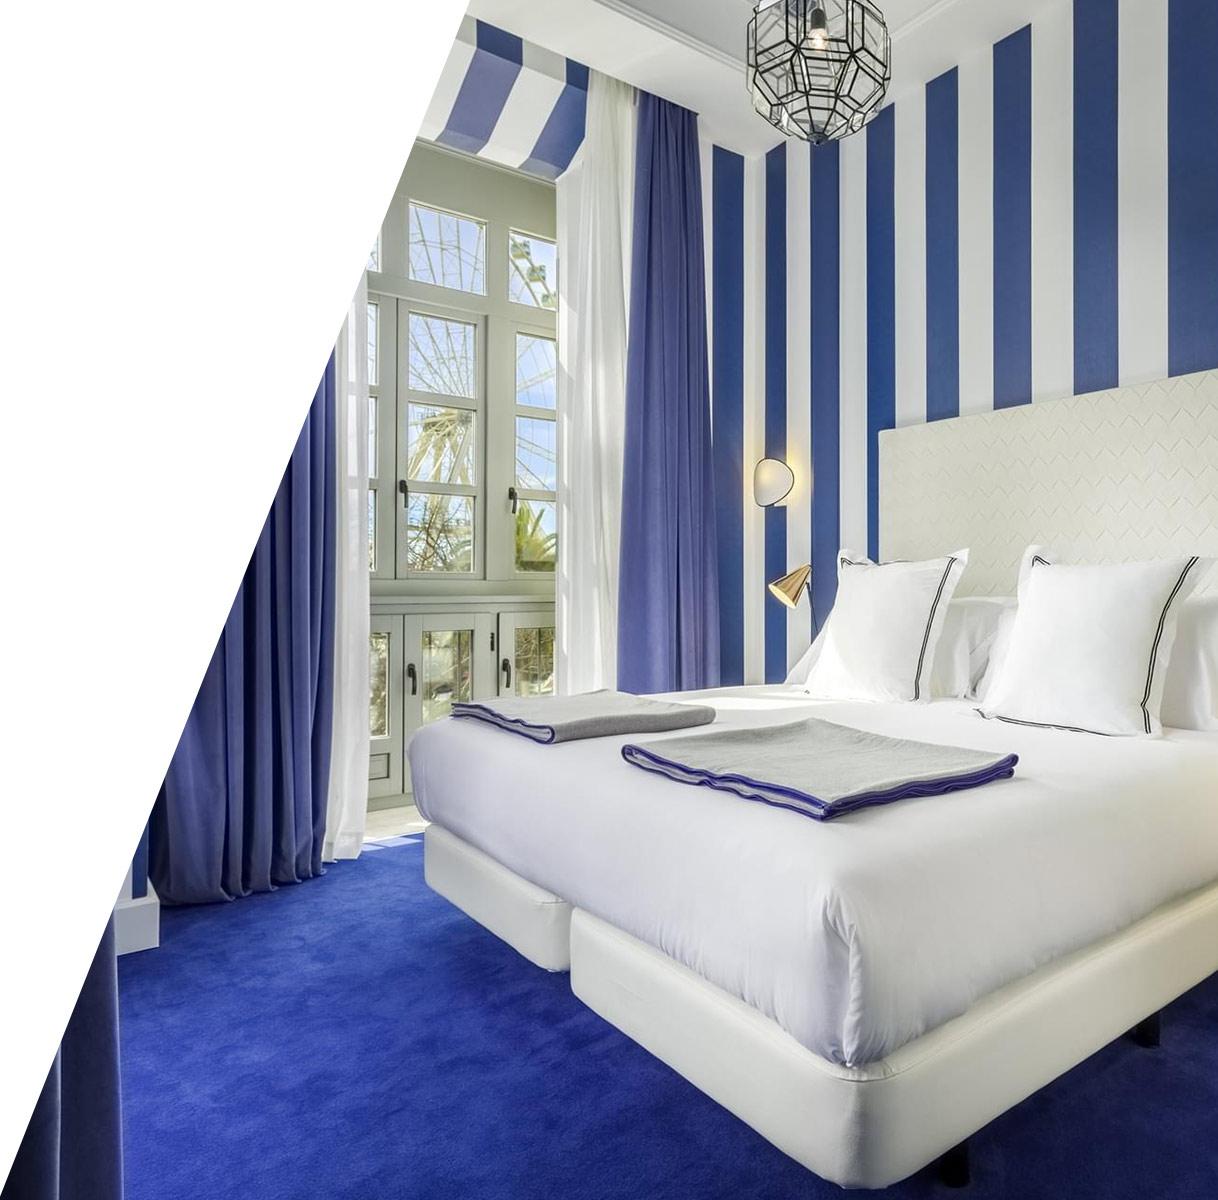 Diseño imagen corporativa del Hotel Valeria Room Mate en Málaga